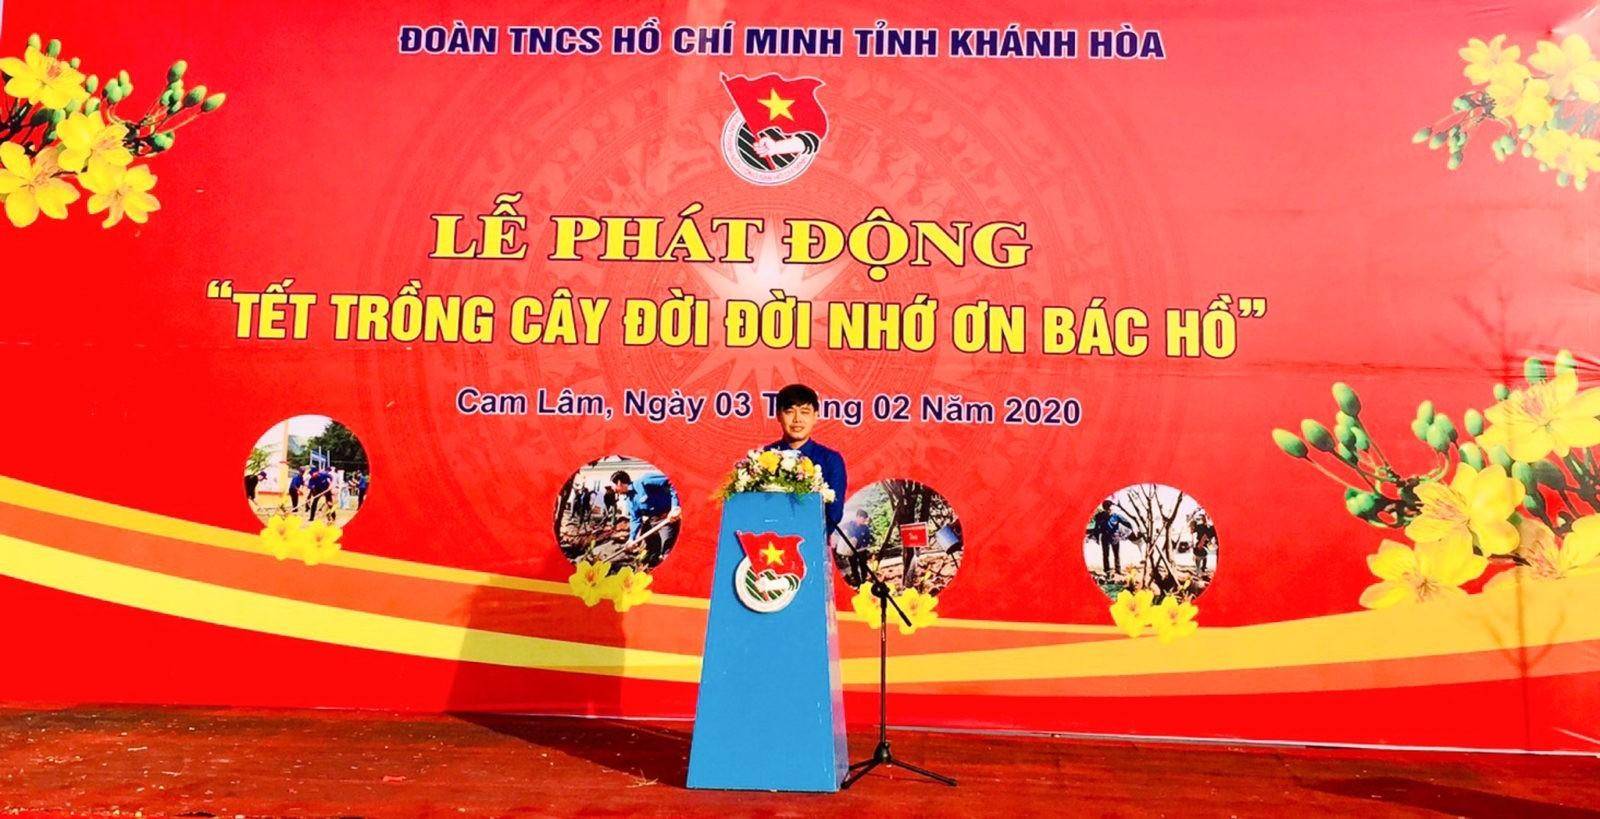 ồng chí Bùi Hoài Nam - Ủy viên Ban Thường vụ Trung ương Đoàn, Bí thư Tỉnh đoàn phát biểu tại buổi lễ.